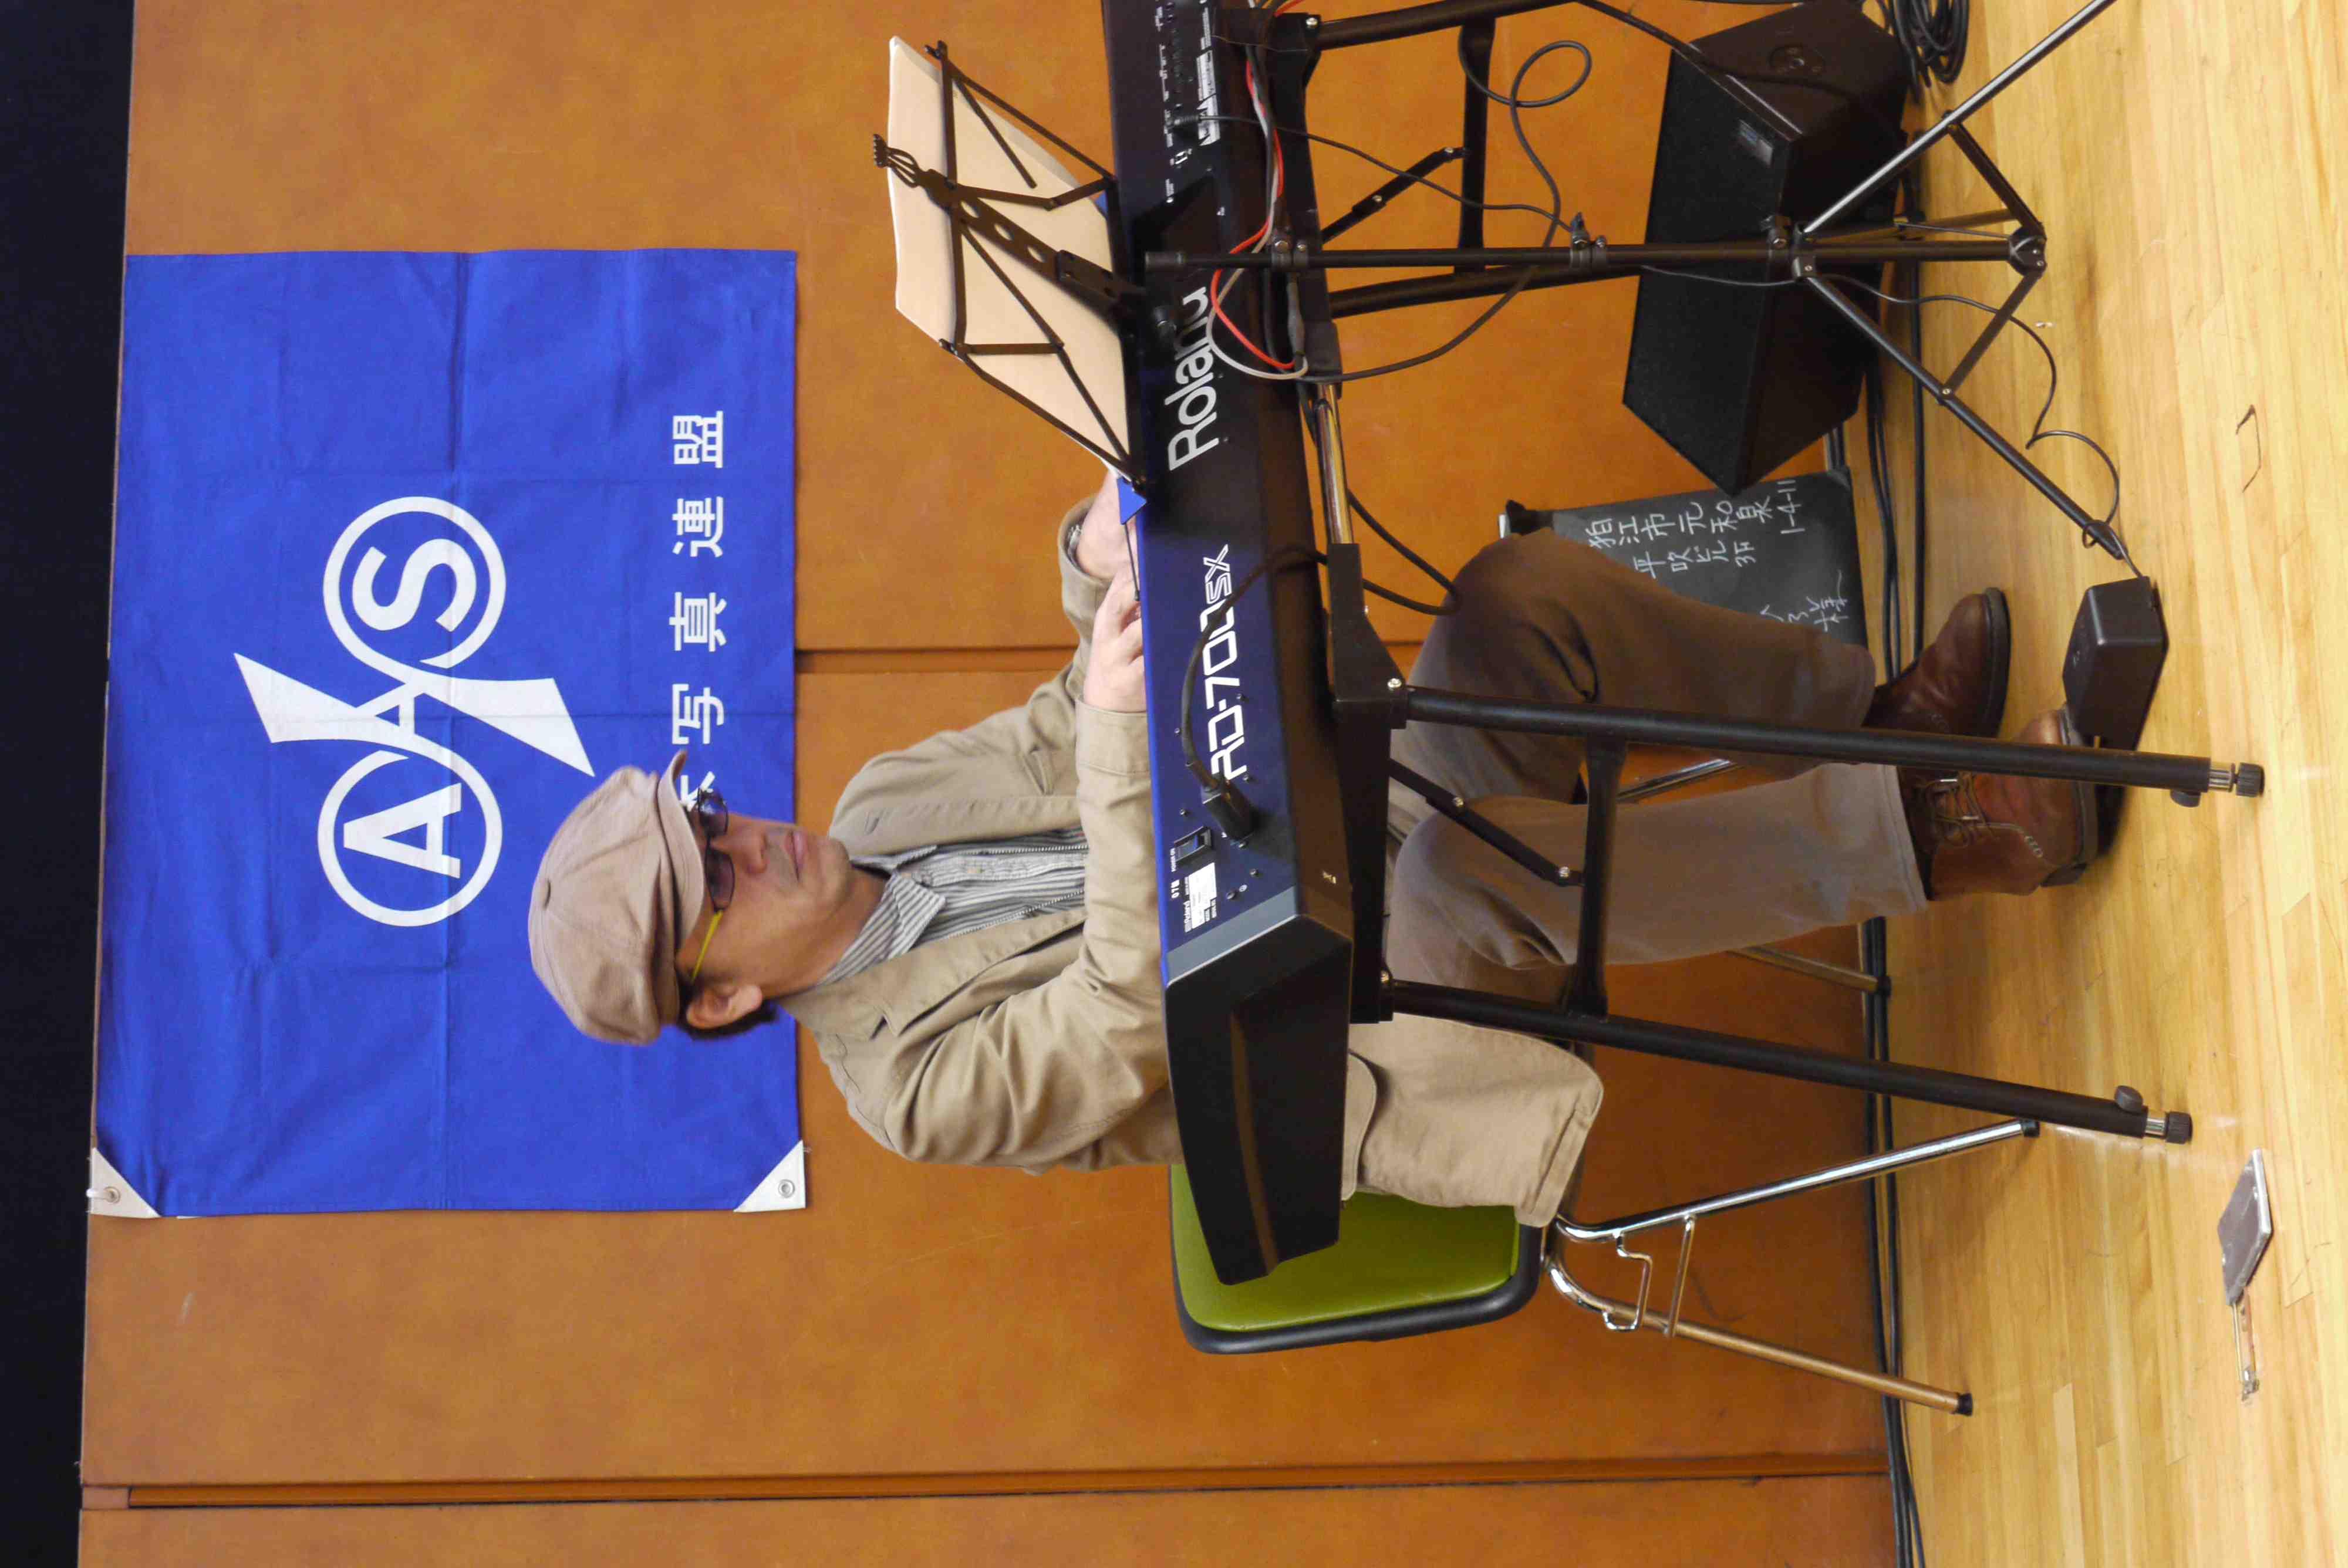 朝日新聞社主催/全日本写連東京本部、支部会員パーティー_b0099226_1743758.jpg